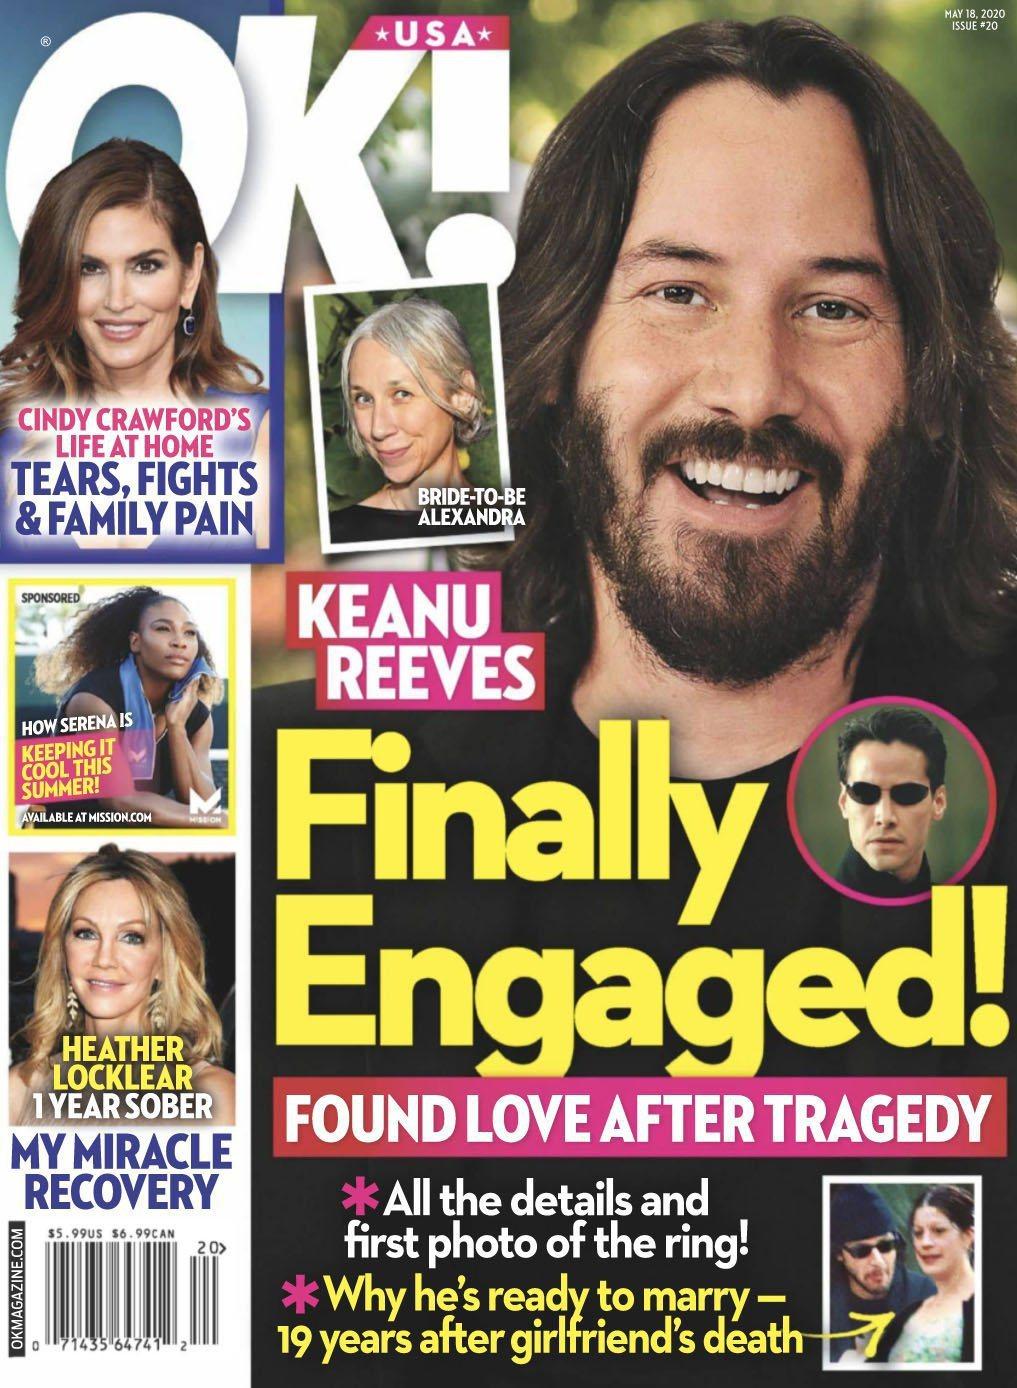 基努李維被八卦刊物以封面報導,指他和女友已經訂婚。圖/摘自OK!